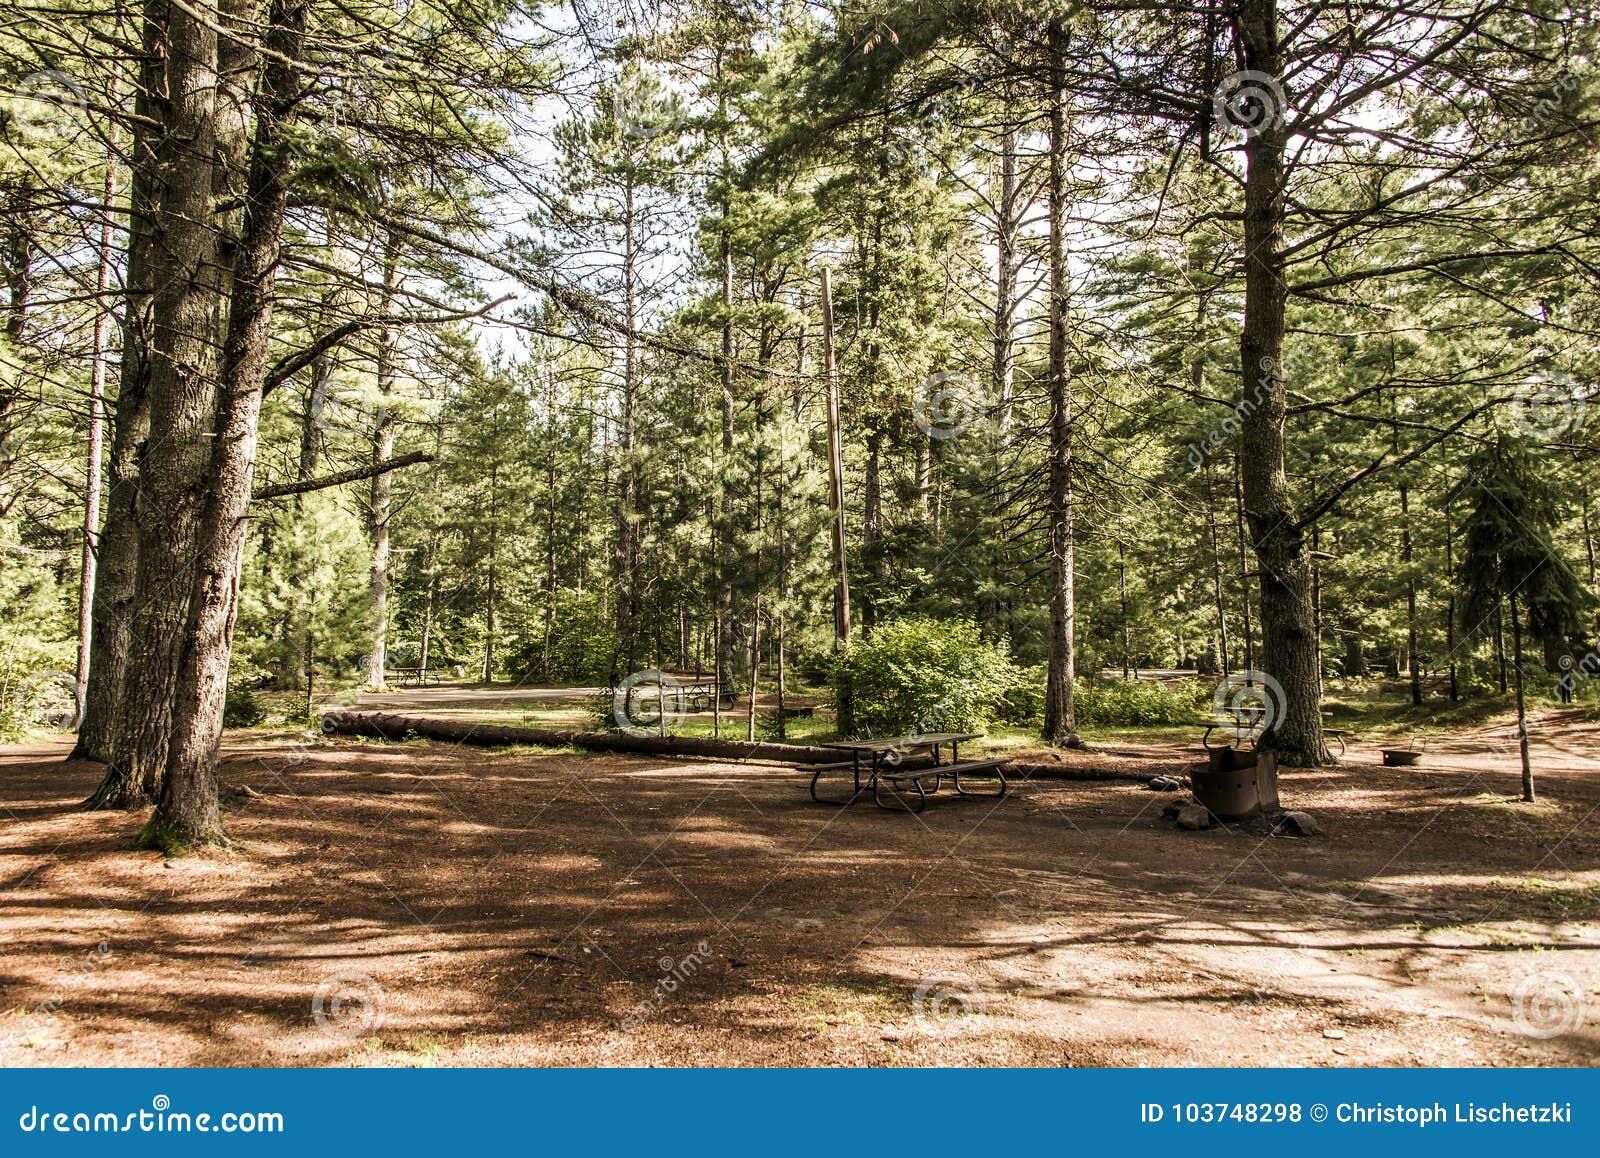 Lago vazio campground do campista da barraca da paisagem natural bonita Canadá da floresta do parque nacional do Algonquin de doi